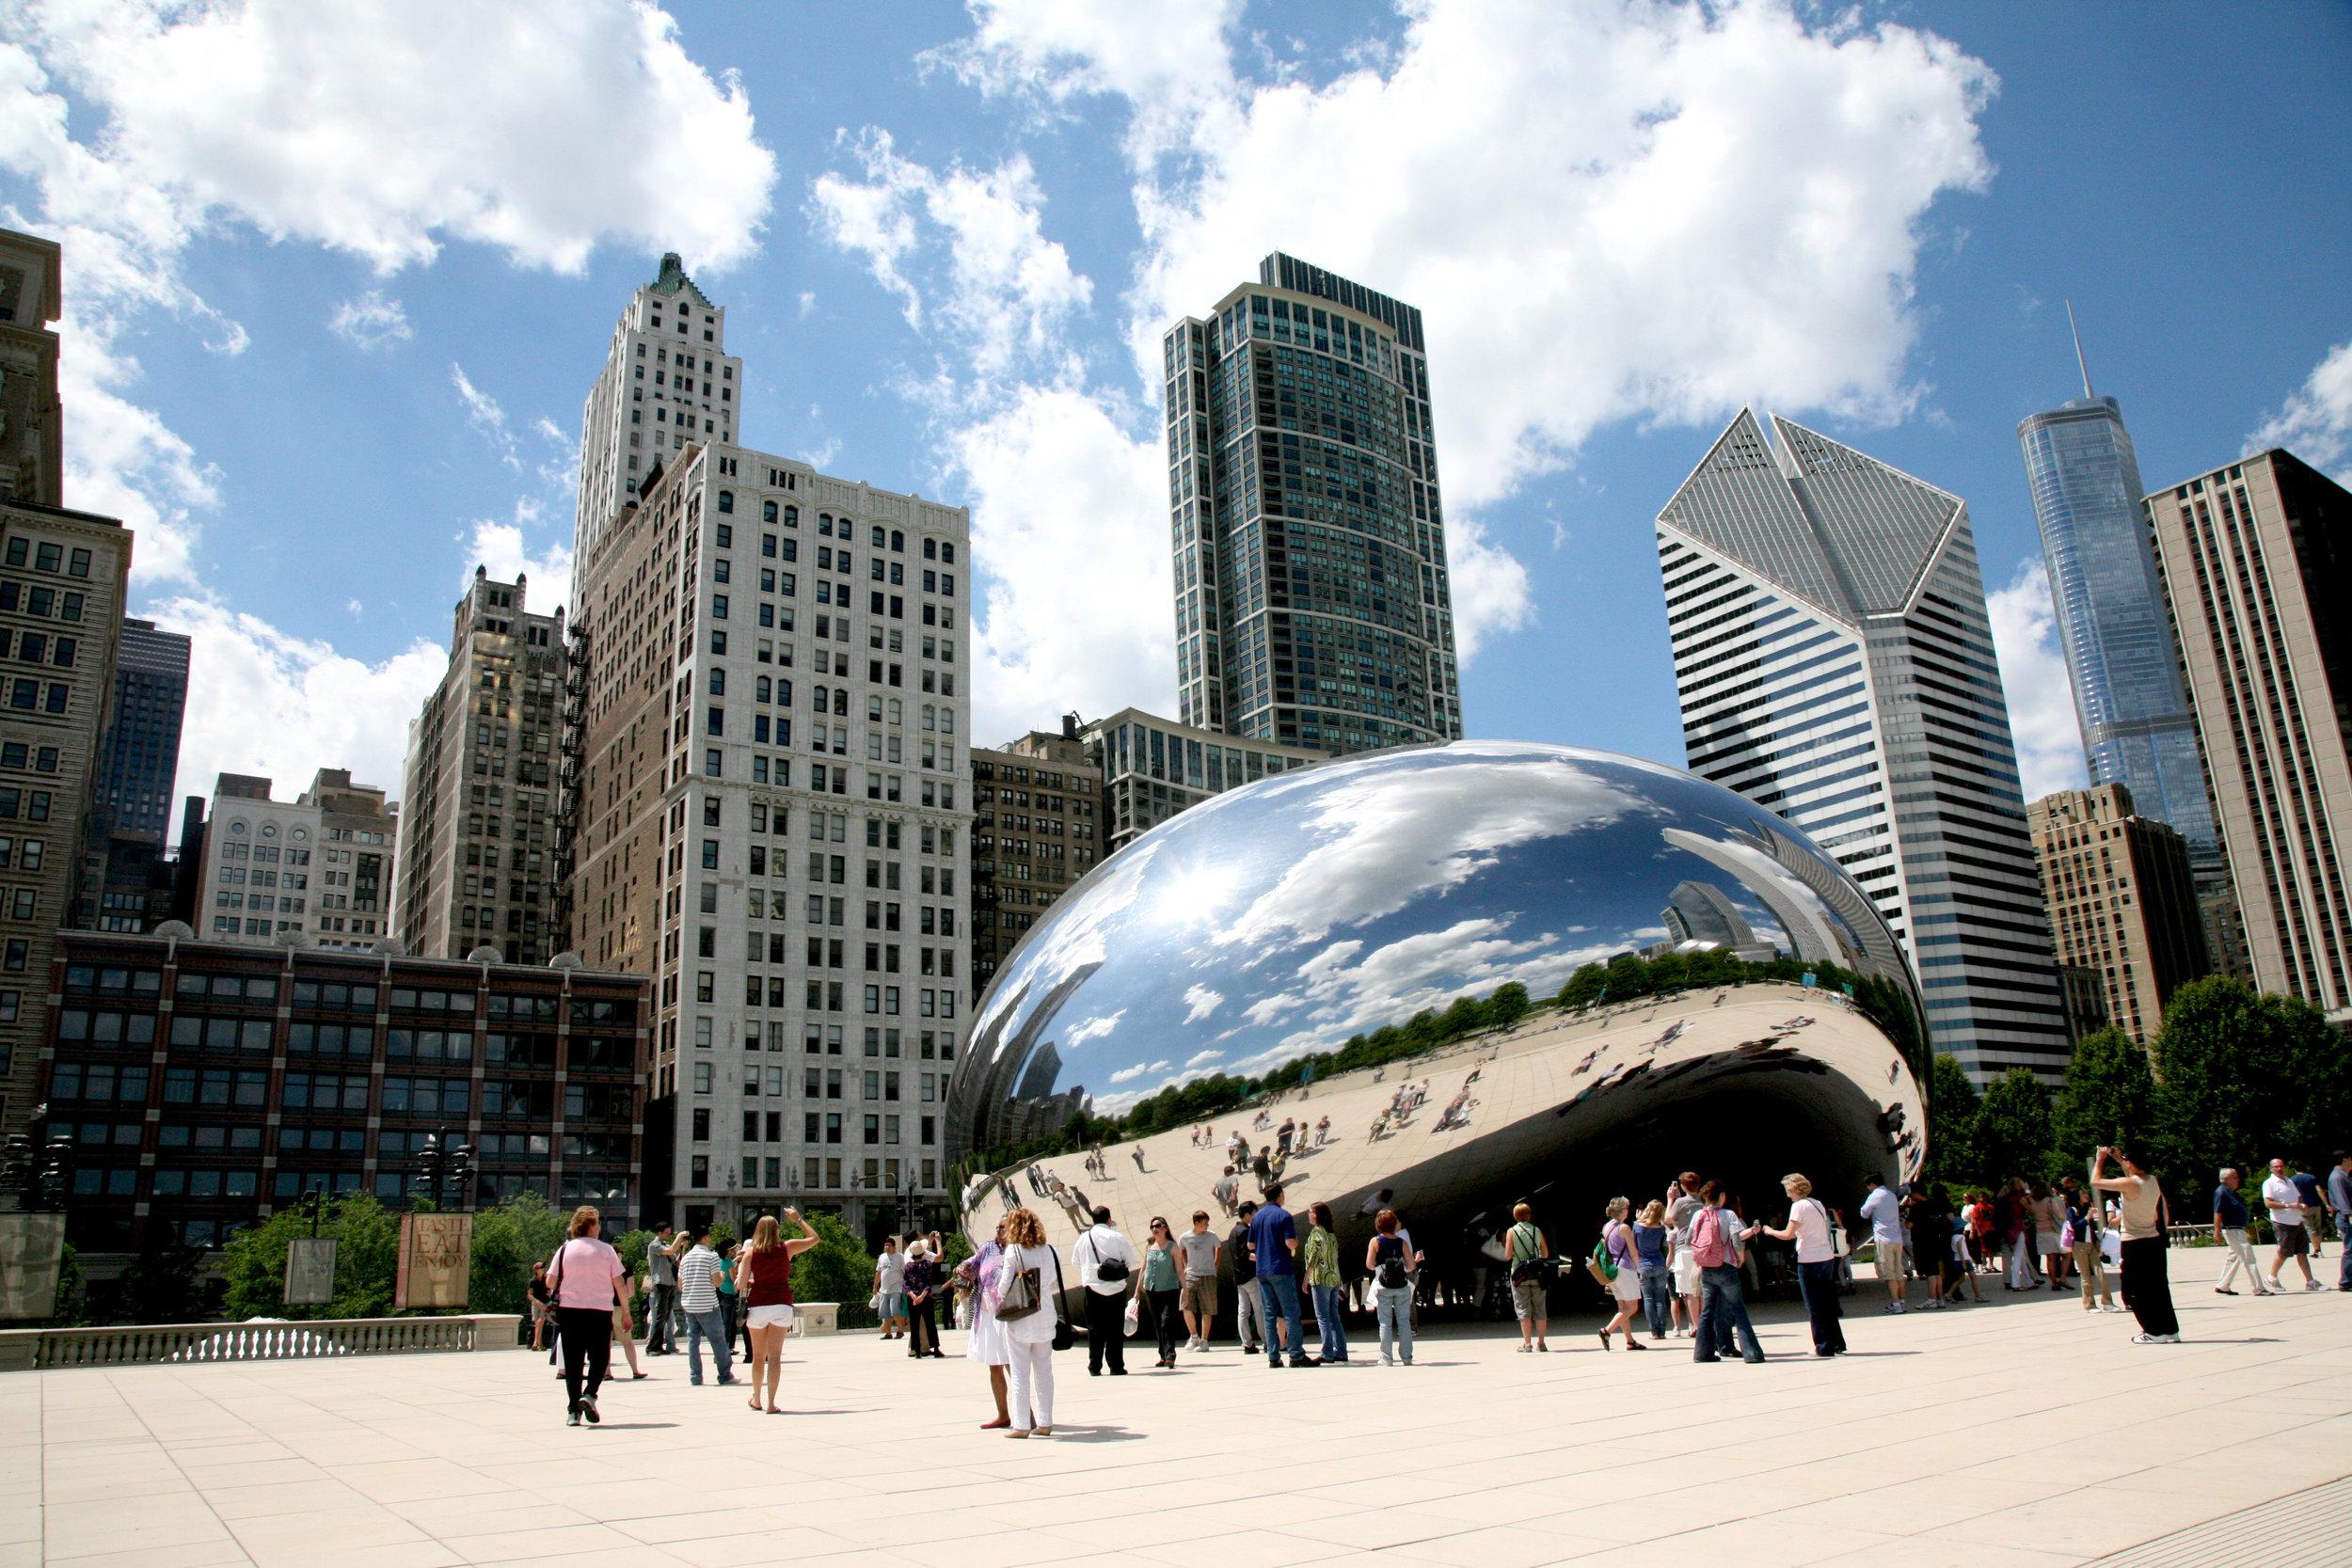 Cloud Gate, Millennium Park, Chicago